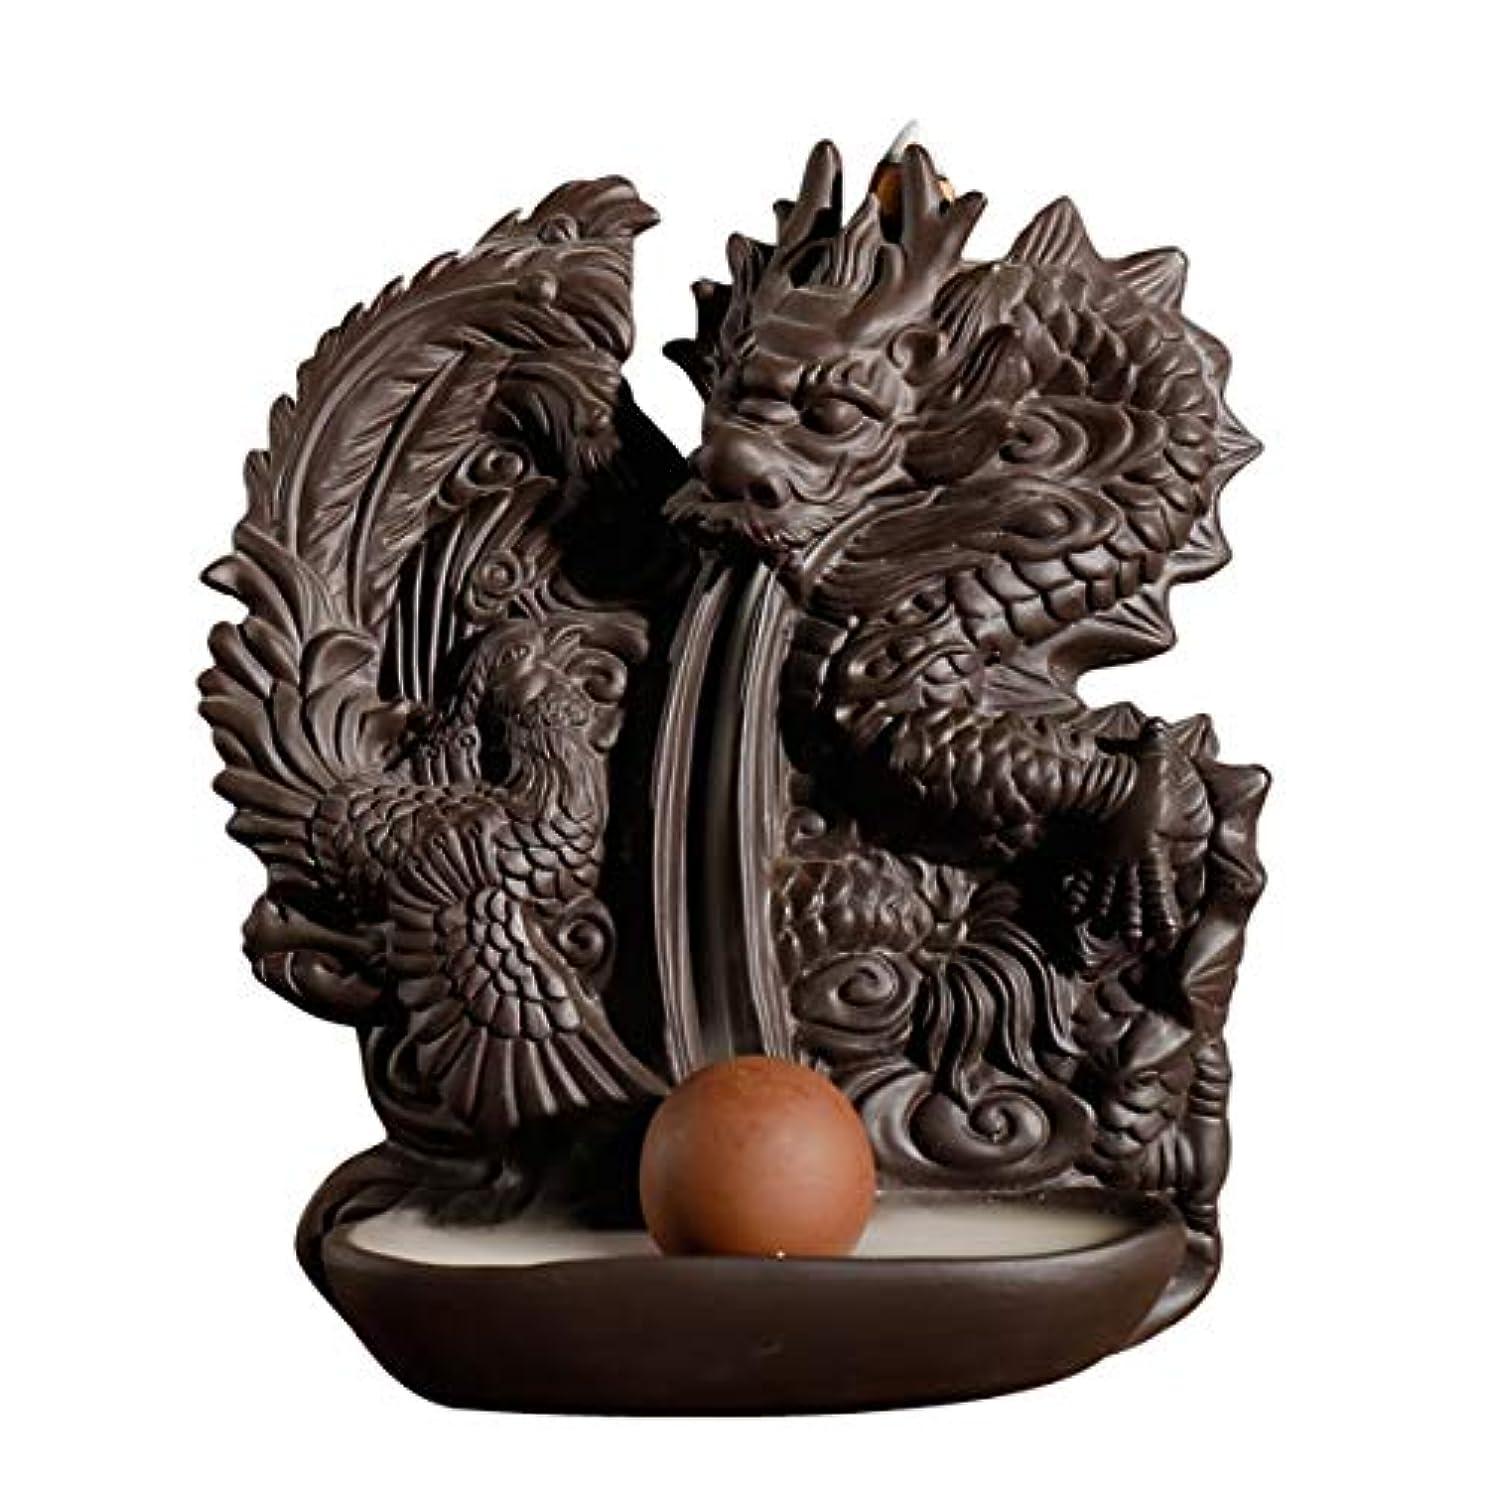 代表カートリッジ世論調査ドラゴン逆流香バーナー手作りセラミックドラゴン香ホルダービーズ香コーン理想的なギフト家の装飾